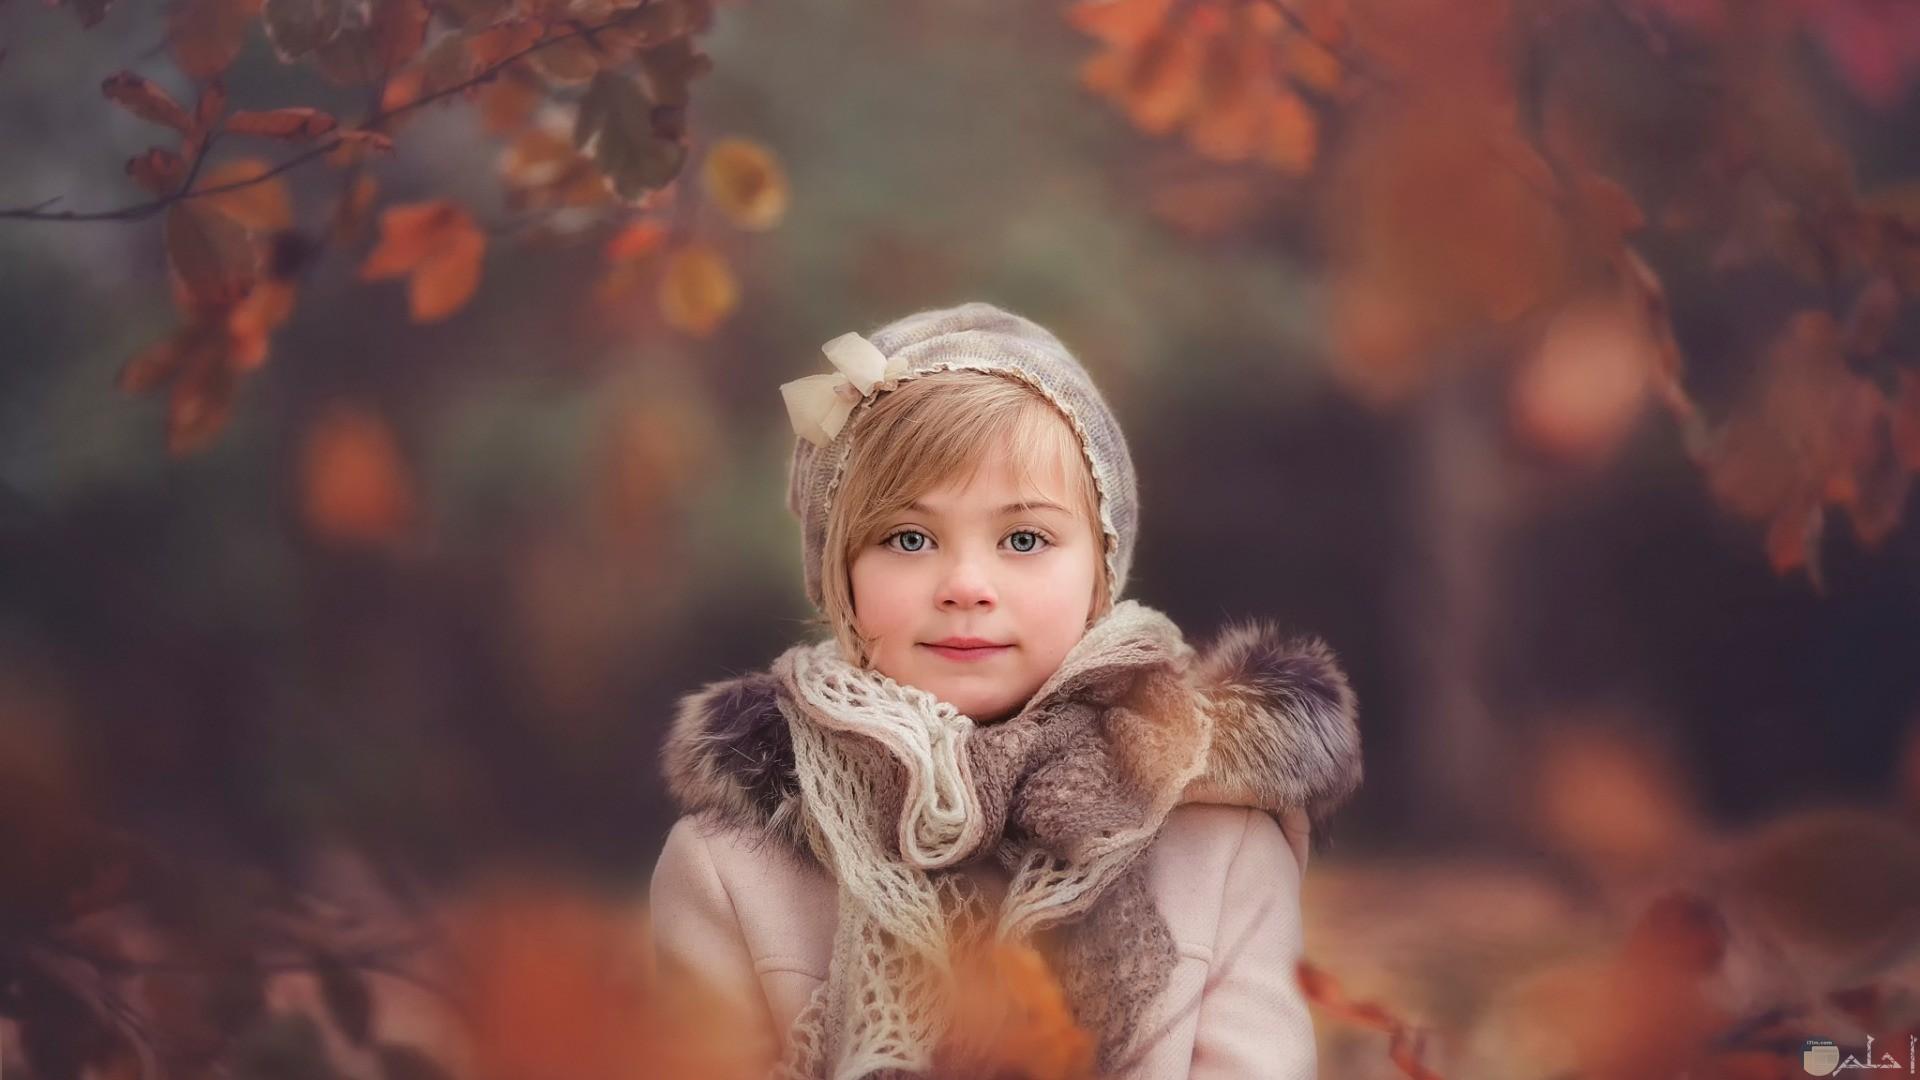 بملابس شتويه فتاه صغيرة تتألق بصورة جميلة